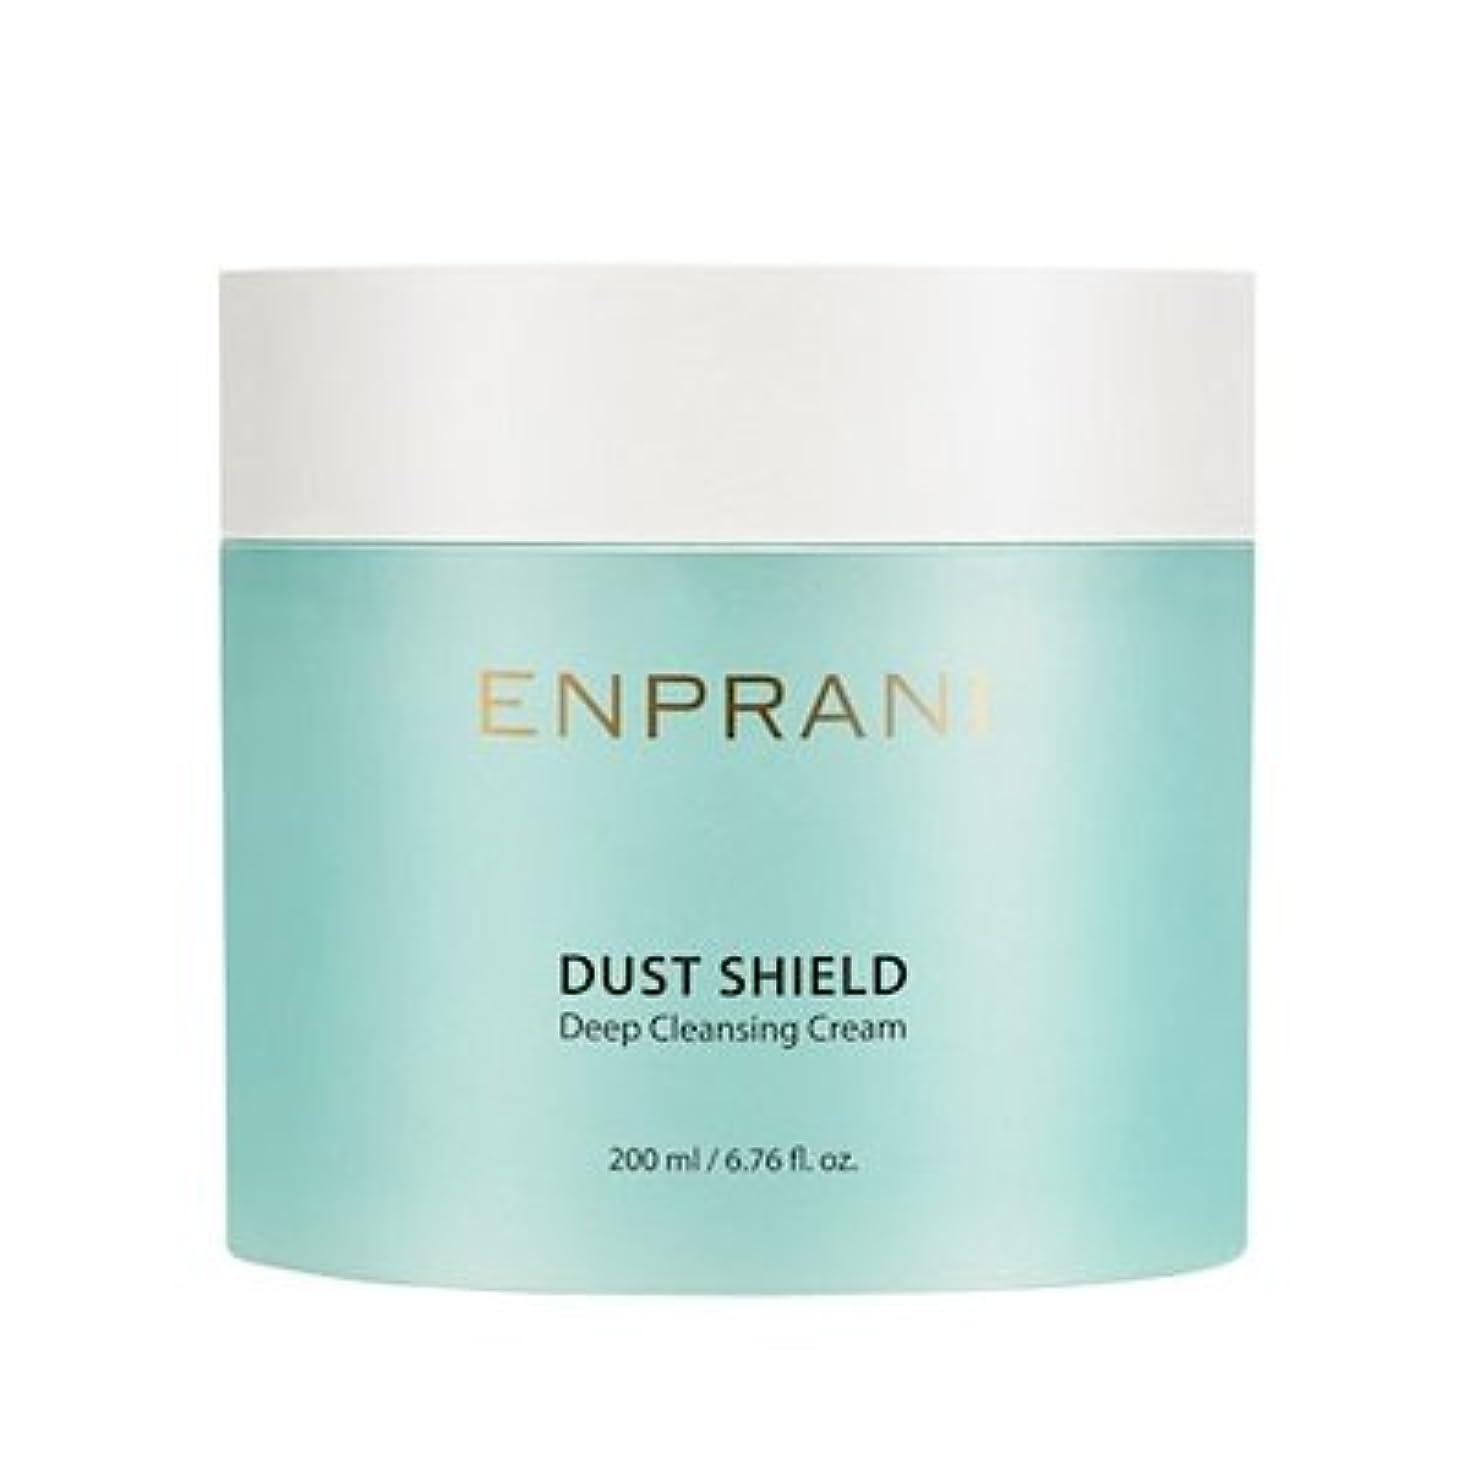 古い不幸農業のENPRANI Dust Shield Deep Cleansing Cream エンプラニ ダストシールドディープクレンジングクリーム200ml [並行輸入品]